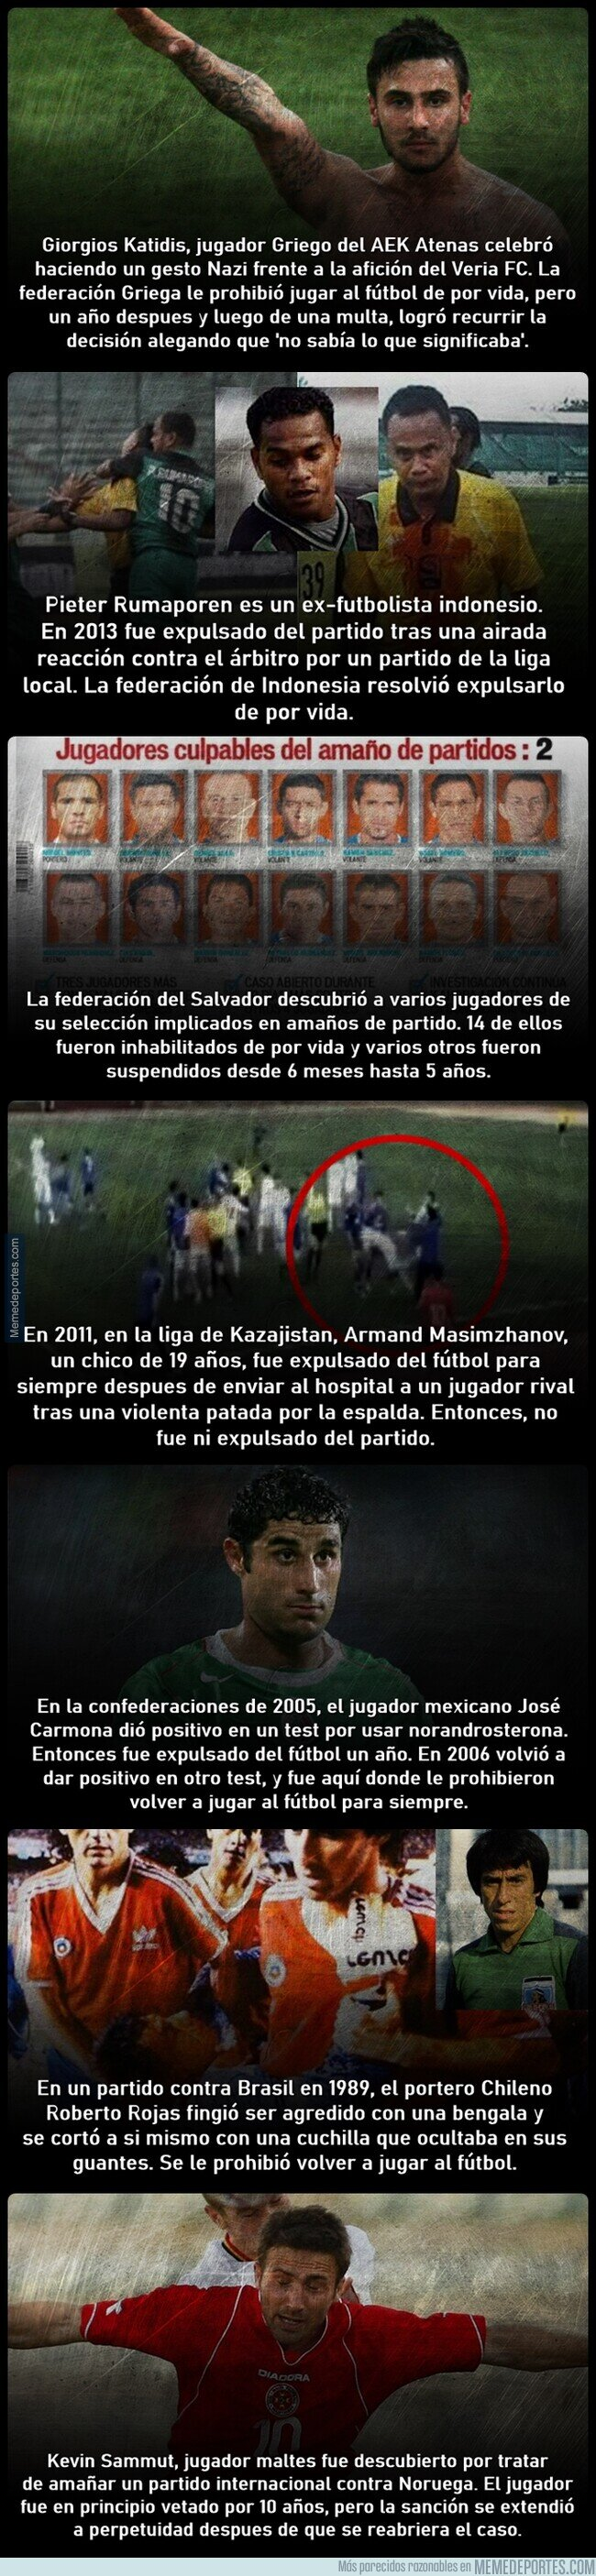 1144255 - 7 casos de jugadores que fueron expulsados del fútbol de por vida